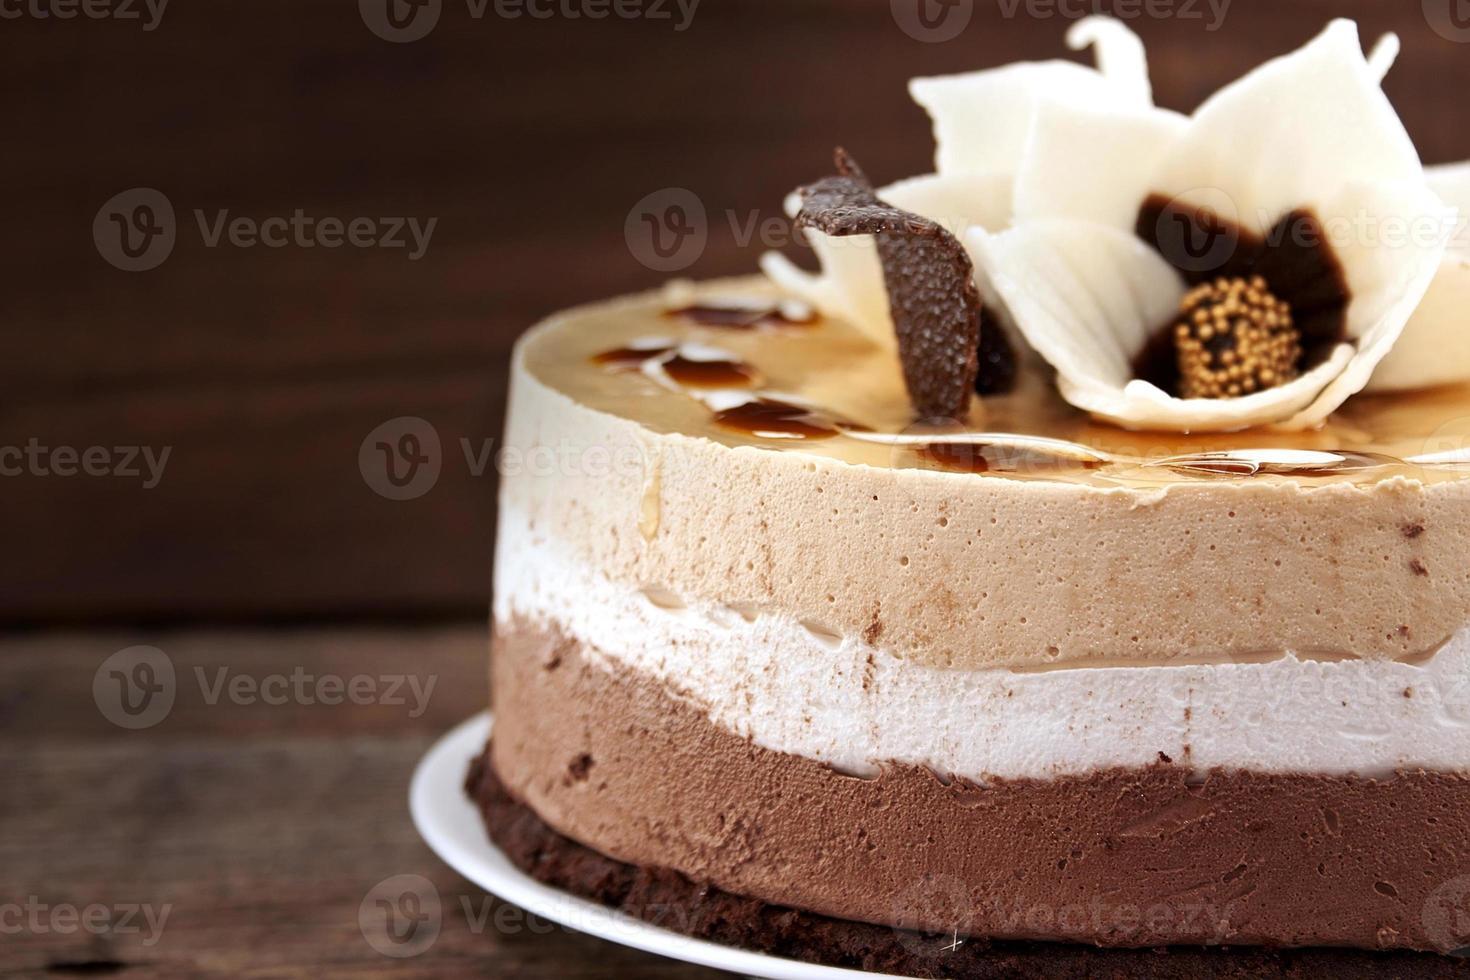 gâteau au chocolat sur une table en bois rustique, selective focus photo